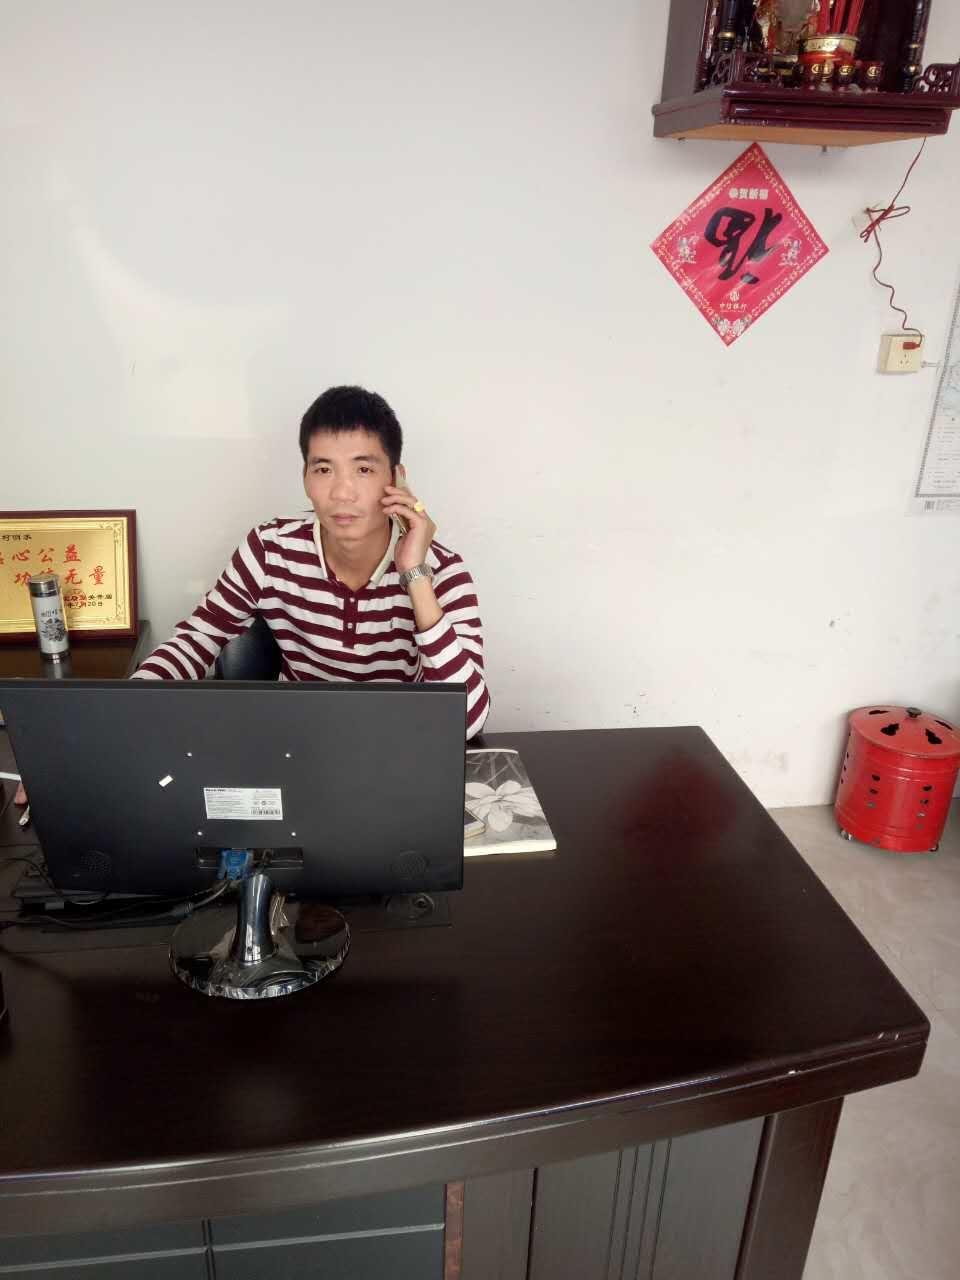 漳州到雅安物流专线(漳州闽荣货运有限公司)